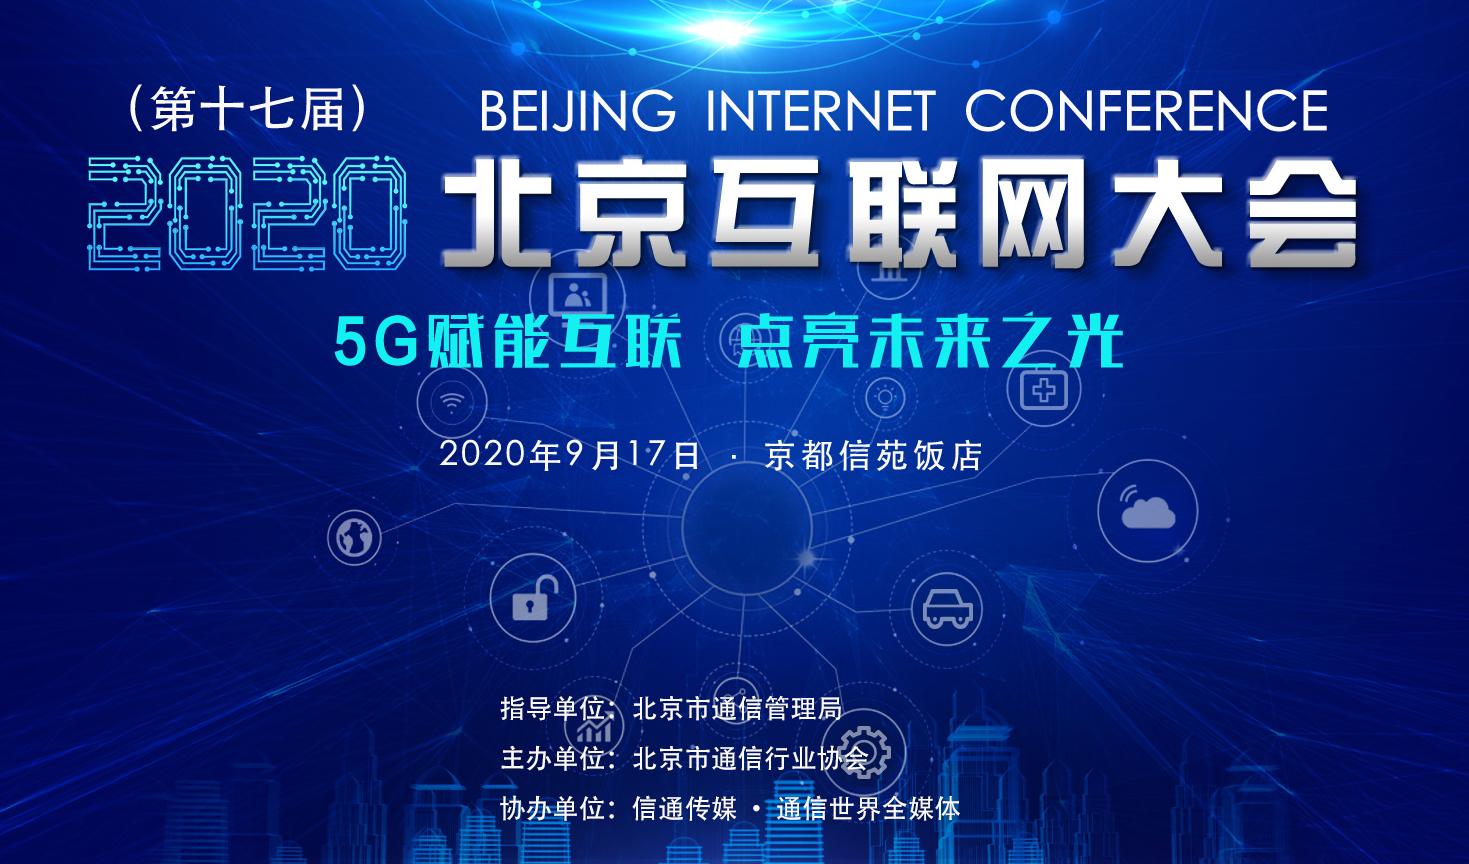 2020北京互联网大会:5G赋能互联点亮未来之光